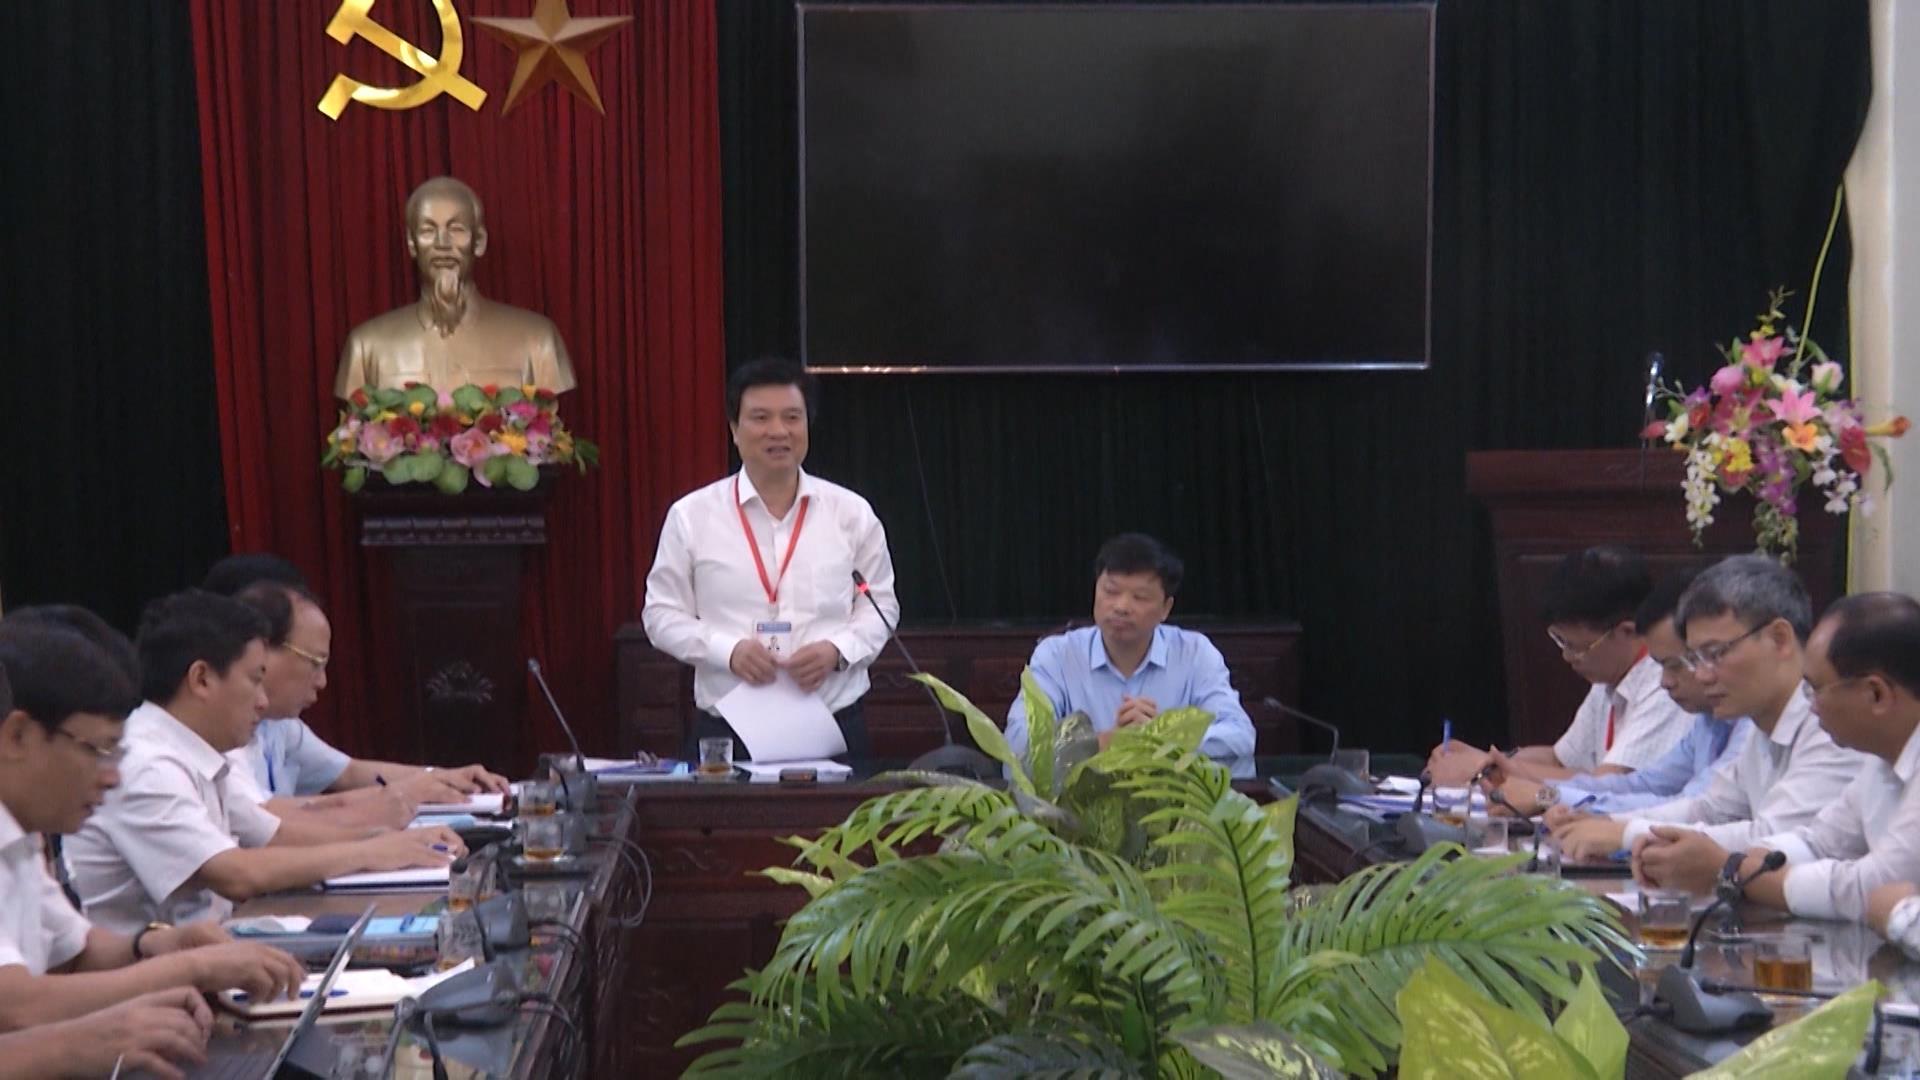 Thứ trưởng Bộ Giáo dục và Đào tạo Nguyễn Hữu Độ kiểm tra  công tác chuẩn bị thi tốt nghiệp Trung học Phổ thông tại tỉnh Bắc Ninh